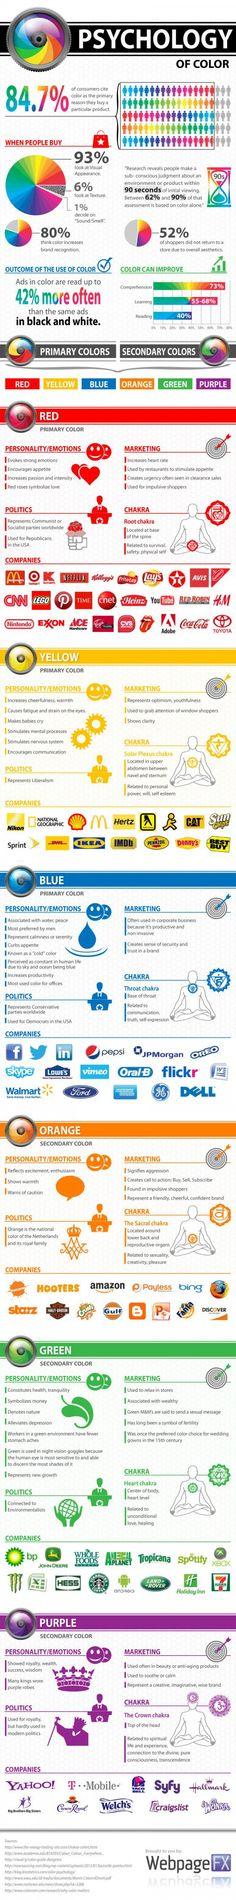 psychology-of-color-560x4510.jpg 560×4,510 pixels